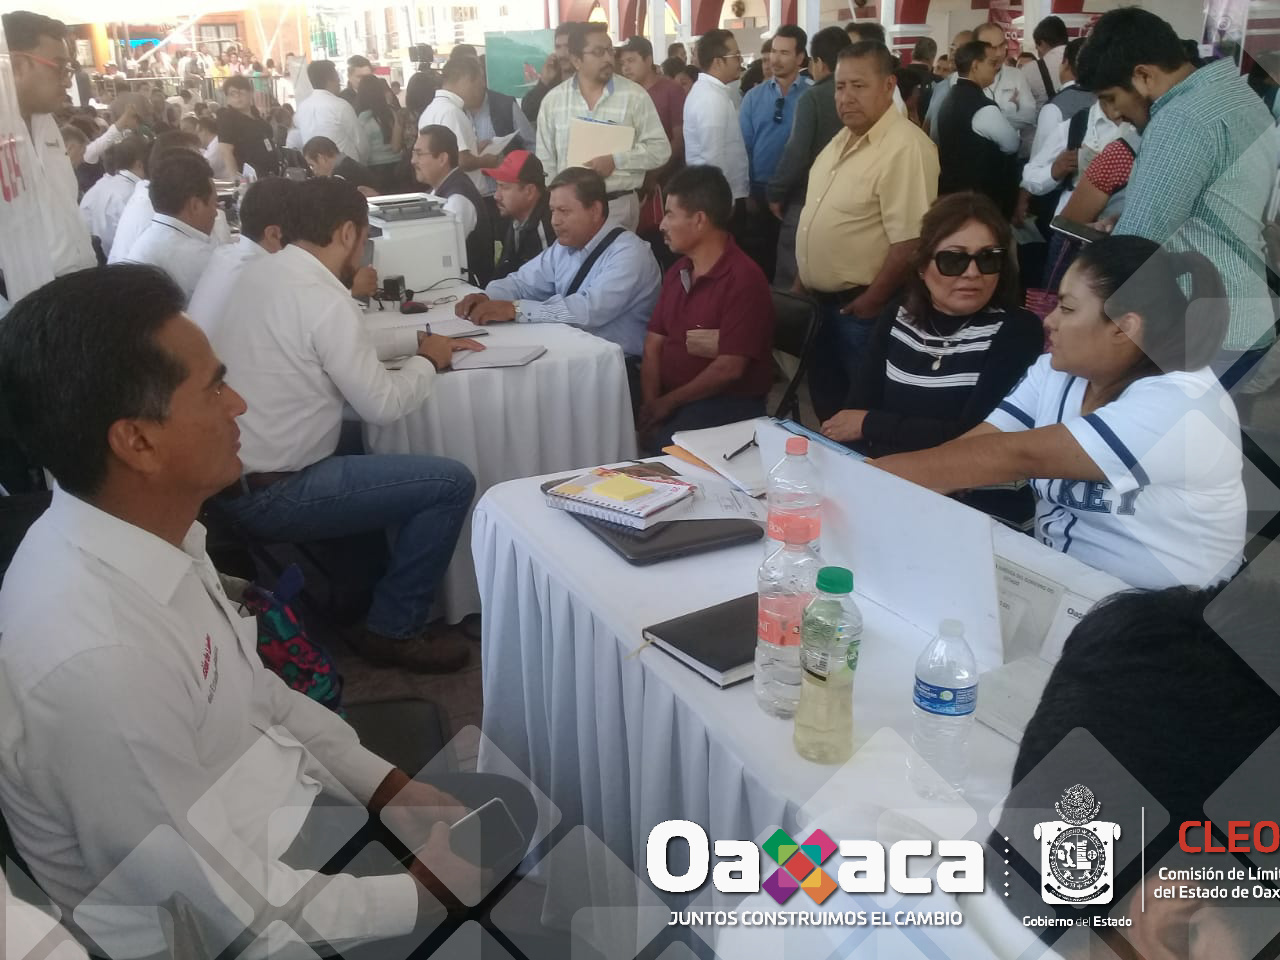 EL Titular de la Comisión de Límites del Estado de Oaxaca el  Ing. Martín Sánchez Ruíz  se encuentra presente en la novena audiencia pública que encabeza el Gobernador Mtro. Alejandro Murat Hinojosa en la plaza central del municipio de Villa de Zaachilla Oaxaca.